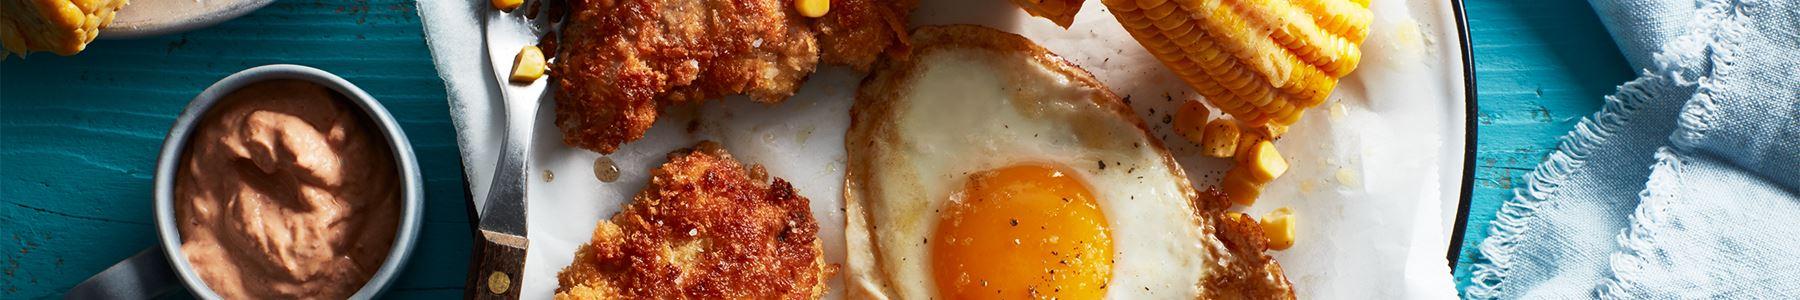 Kyckling + Snabbmat